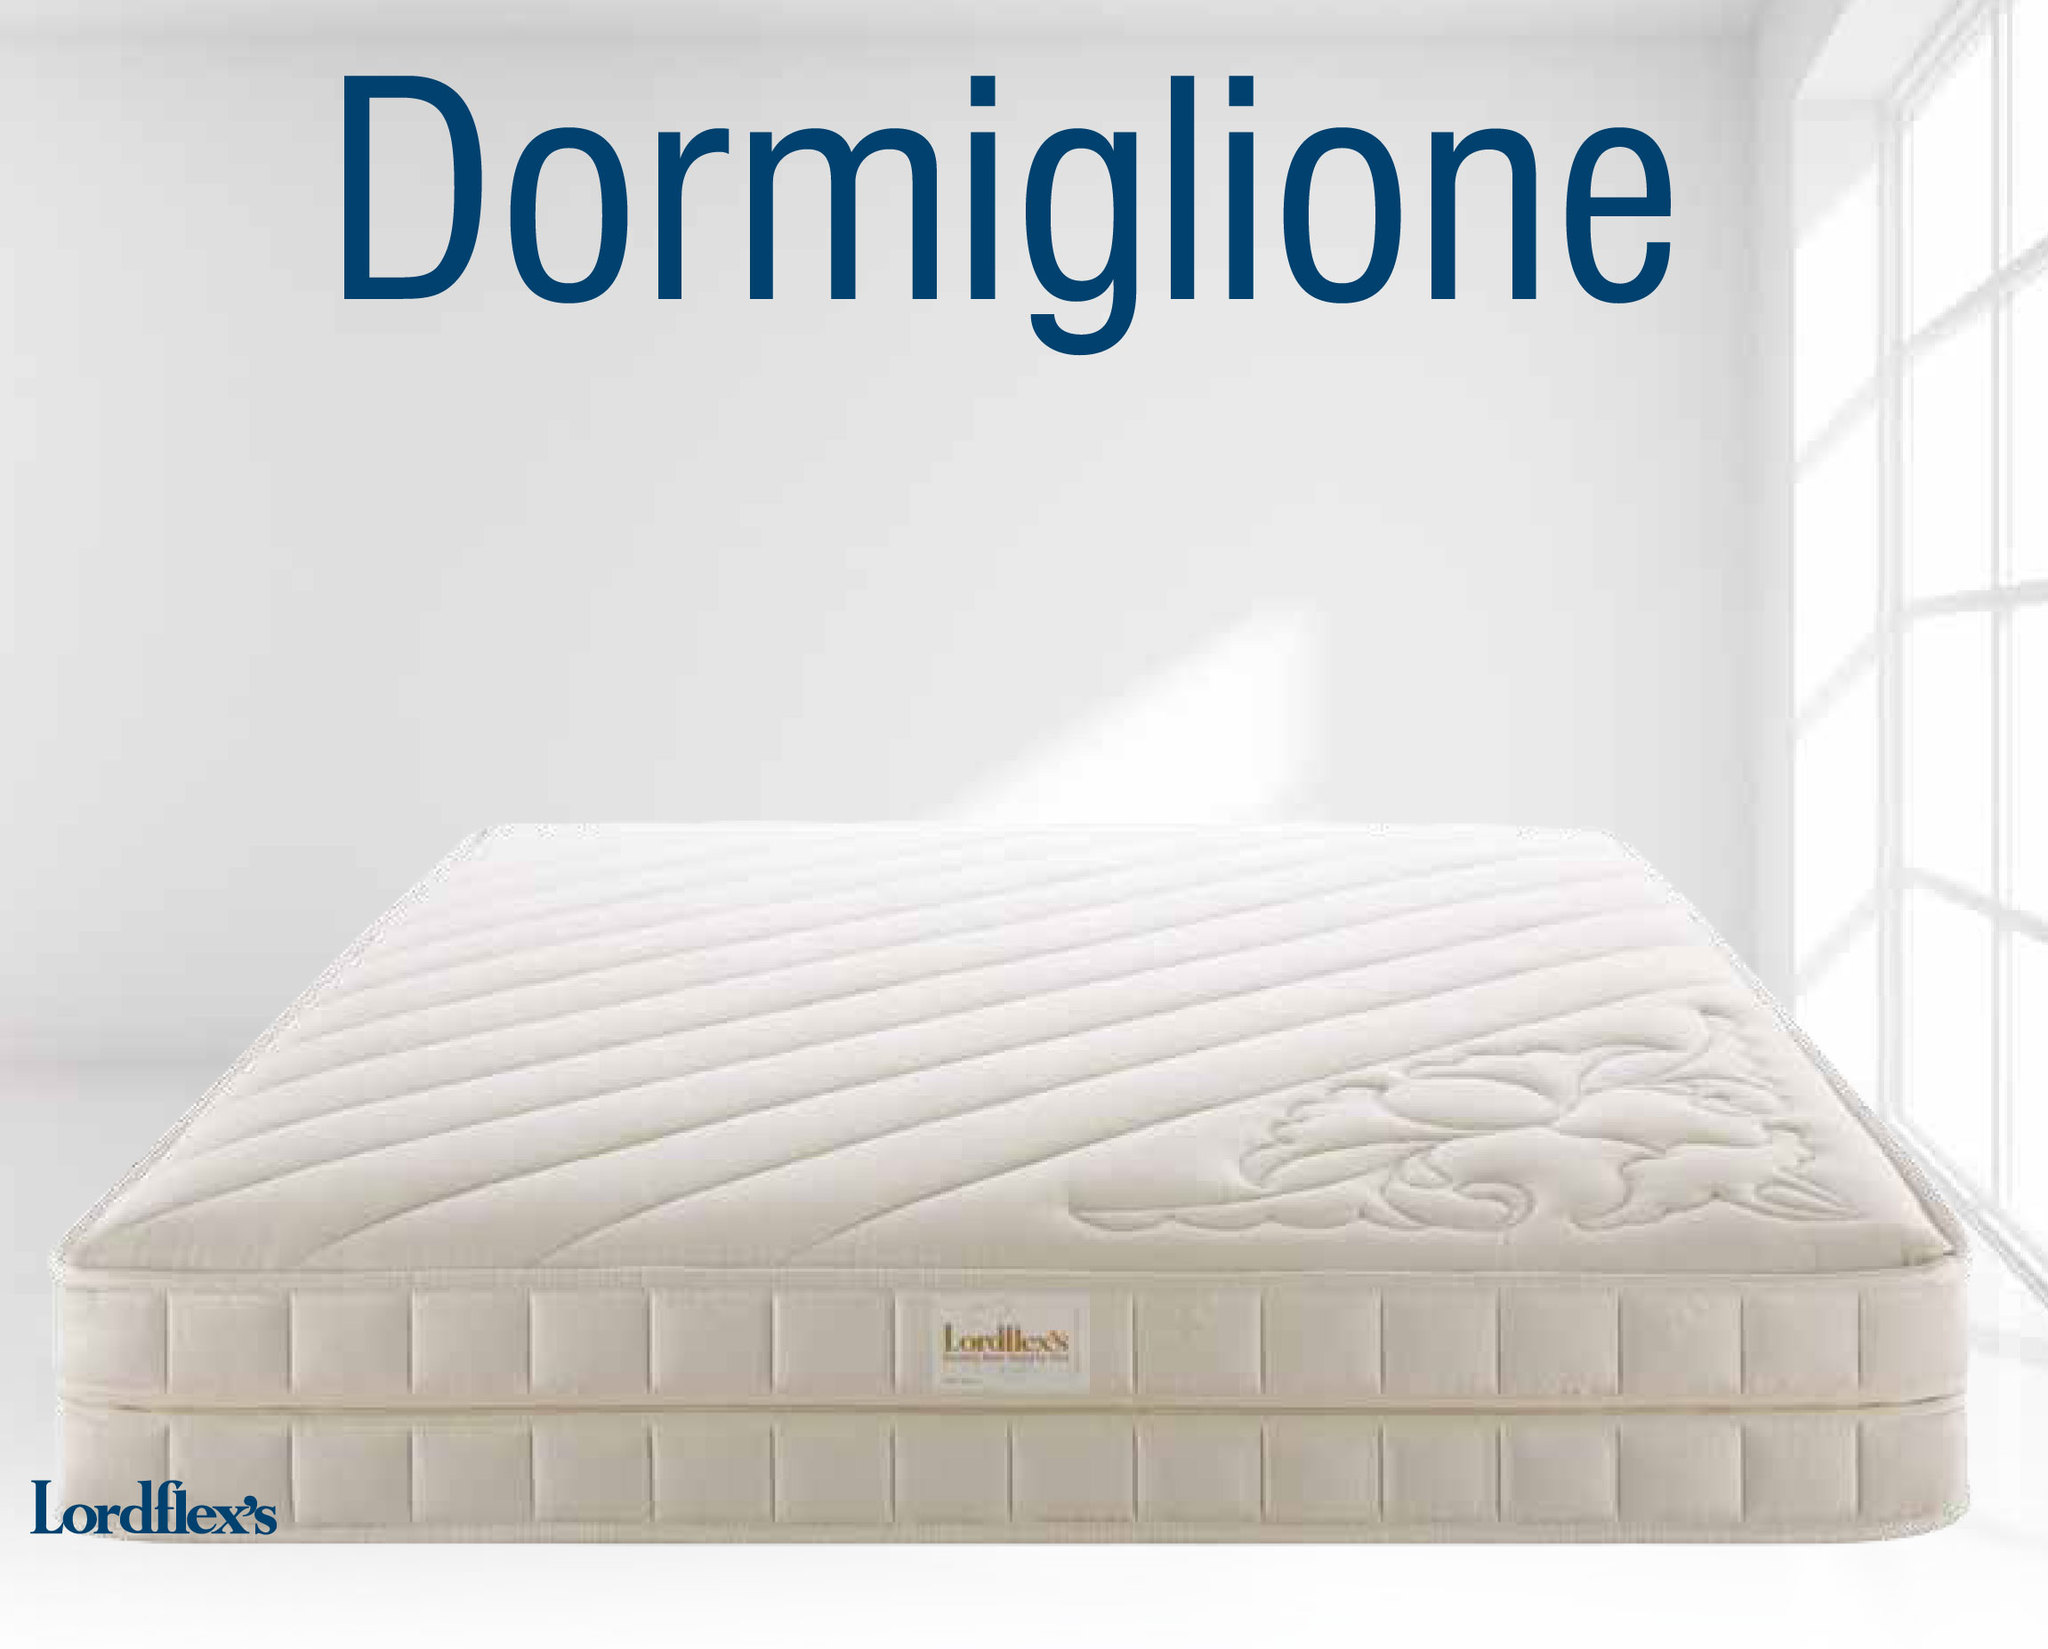 Матрасы Матрас ортопедический 80х190 Lordflex's Dormiglione до 140 кг 1_Dormiglione.jpg